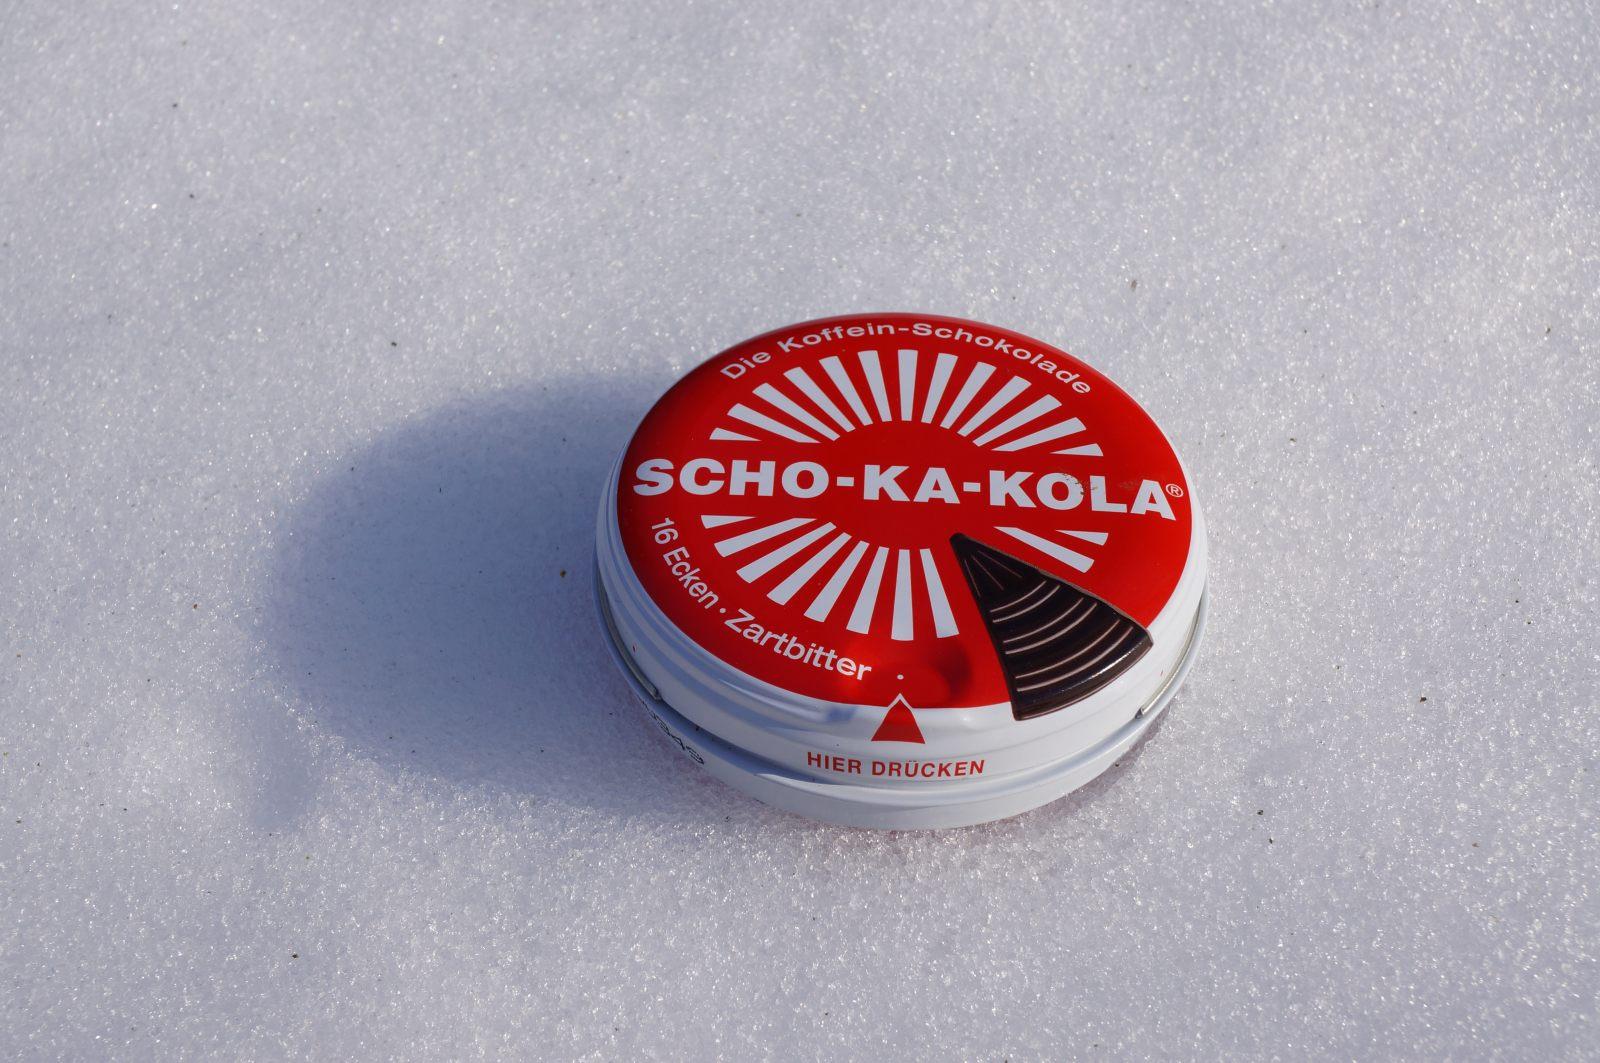 SCHO-KA-KOLA. Czekolada energetyczna z zawartością naturalnej kofeiny.